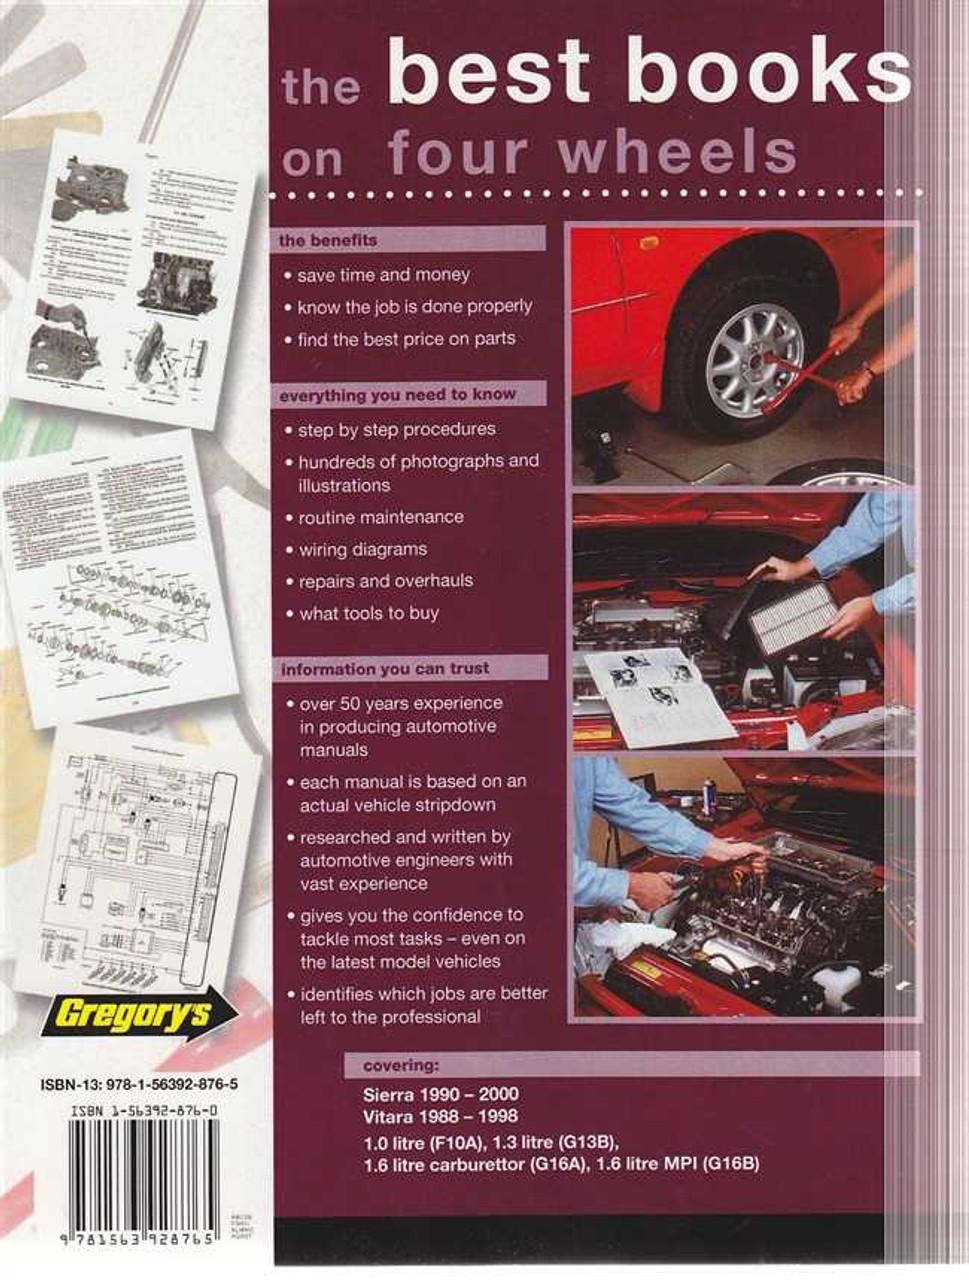 97 Suzuki Gsxr 600 Vacuum Line Diagram Need Help Hose Diagram Cid